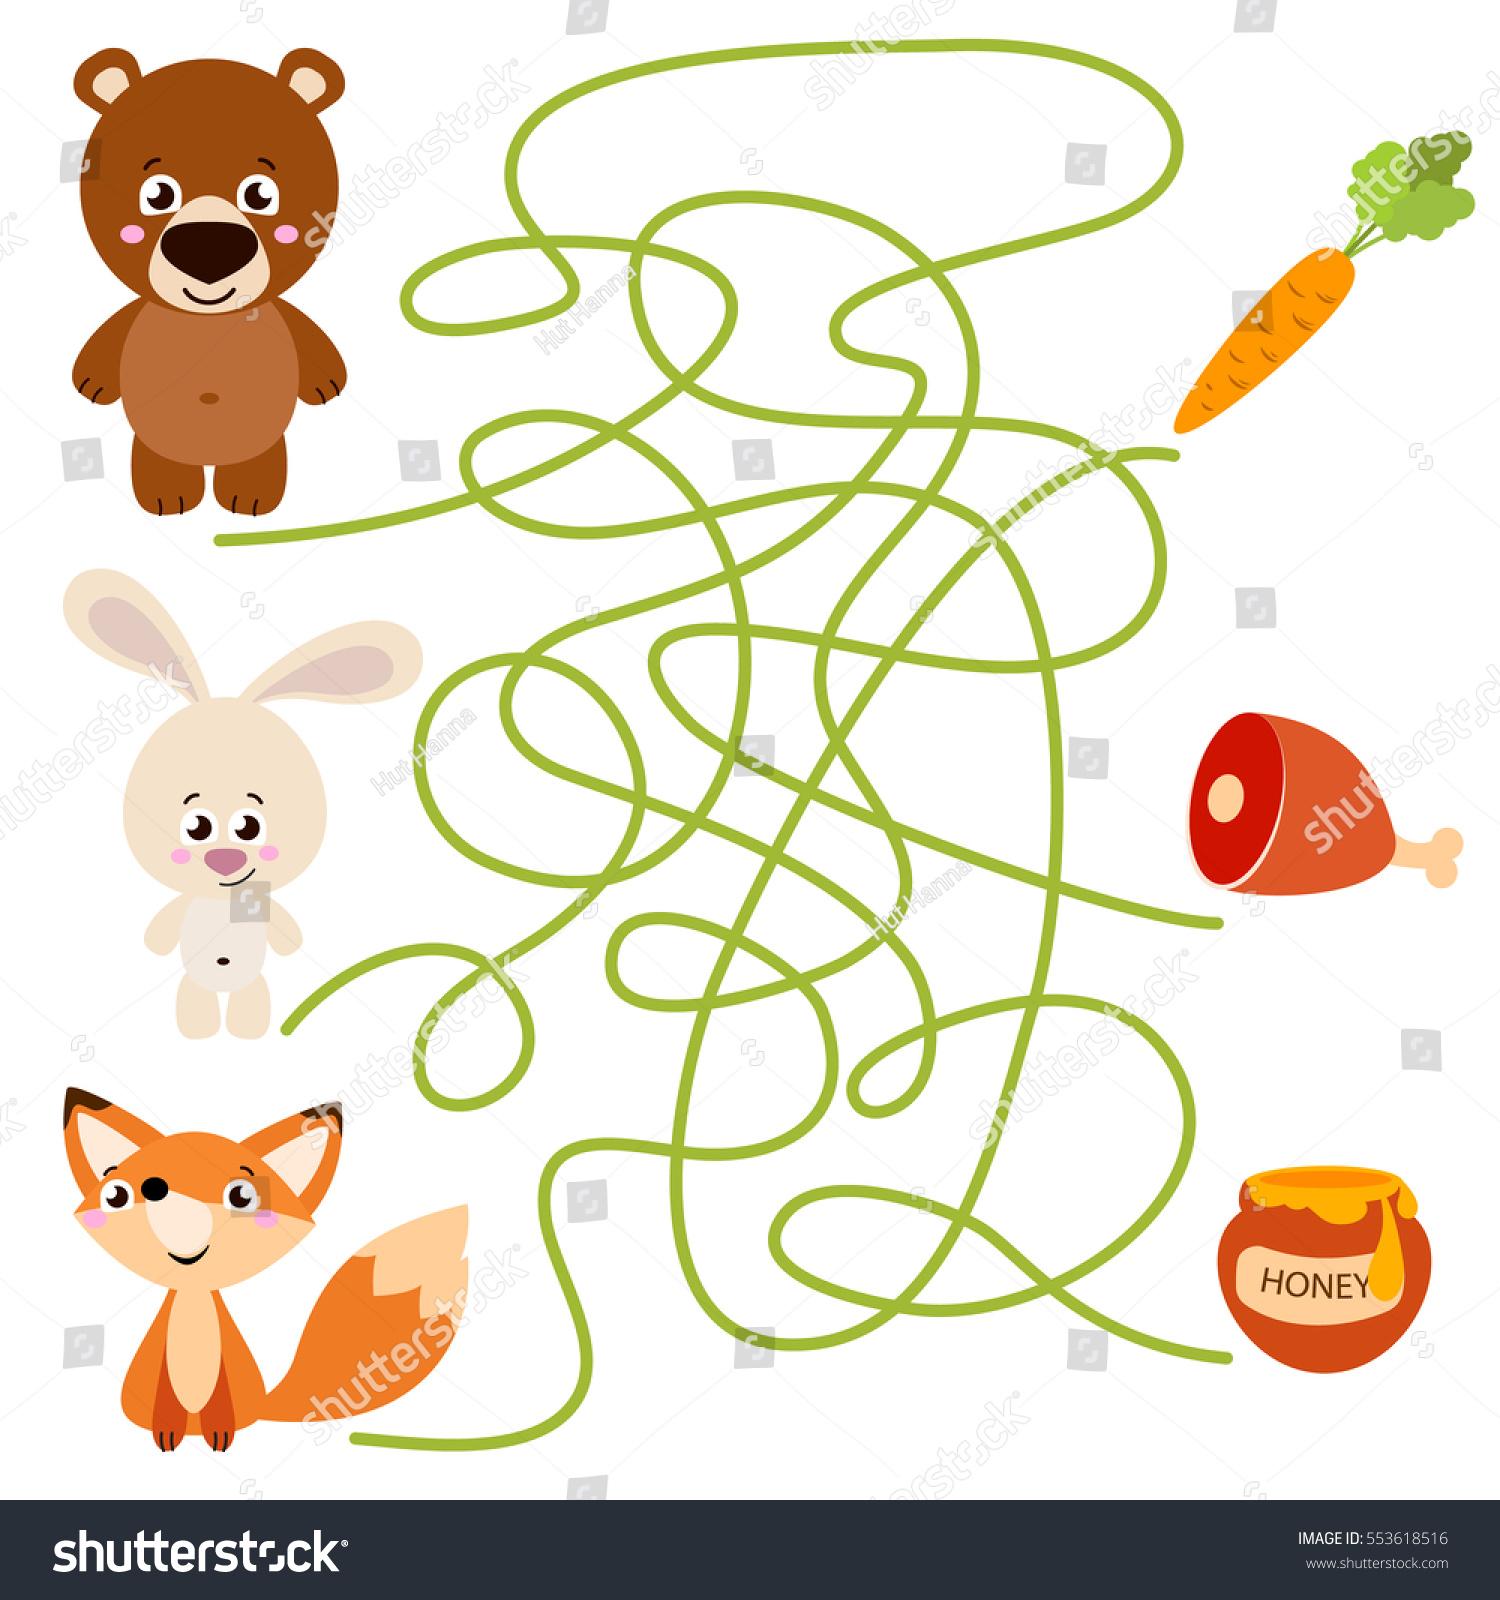 Cute Animal Educational Maze Game Vector Stock Vector